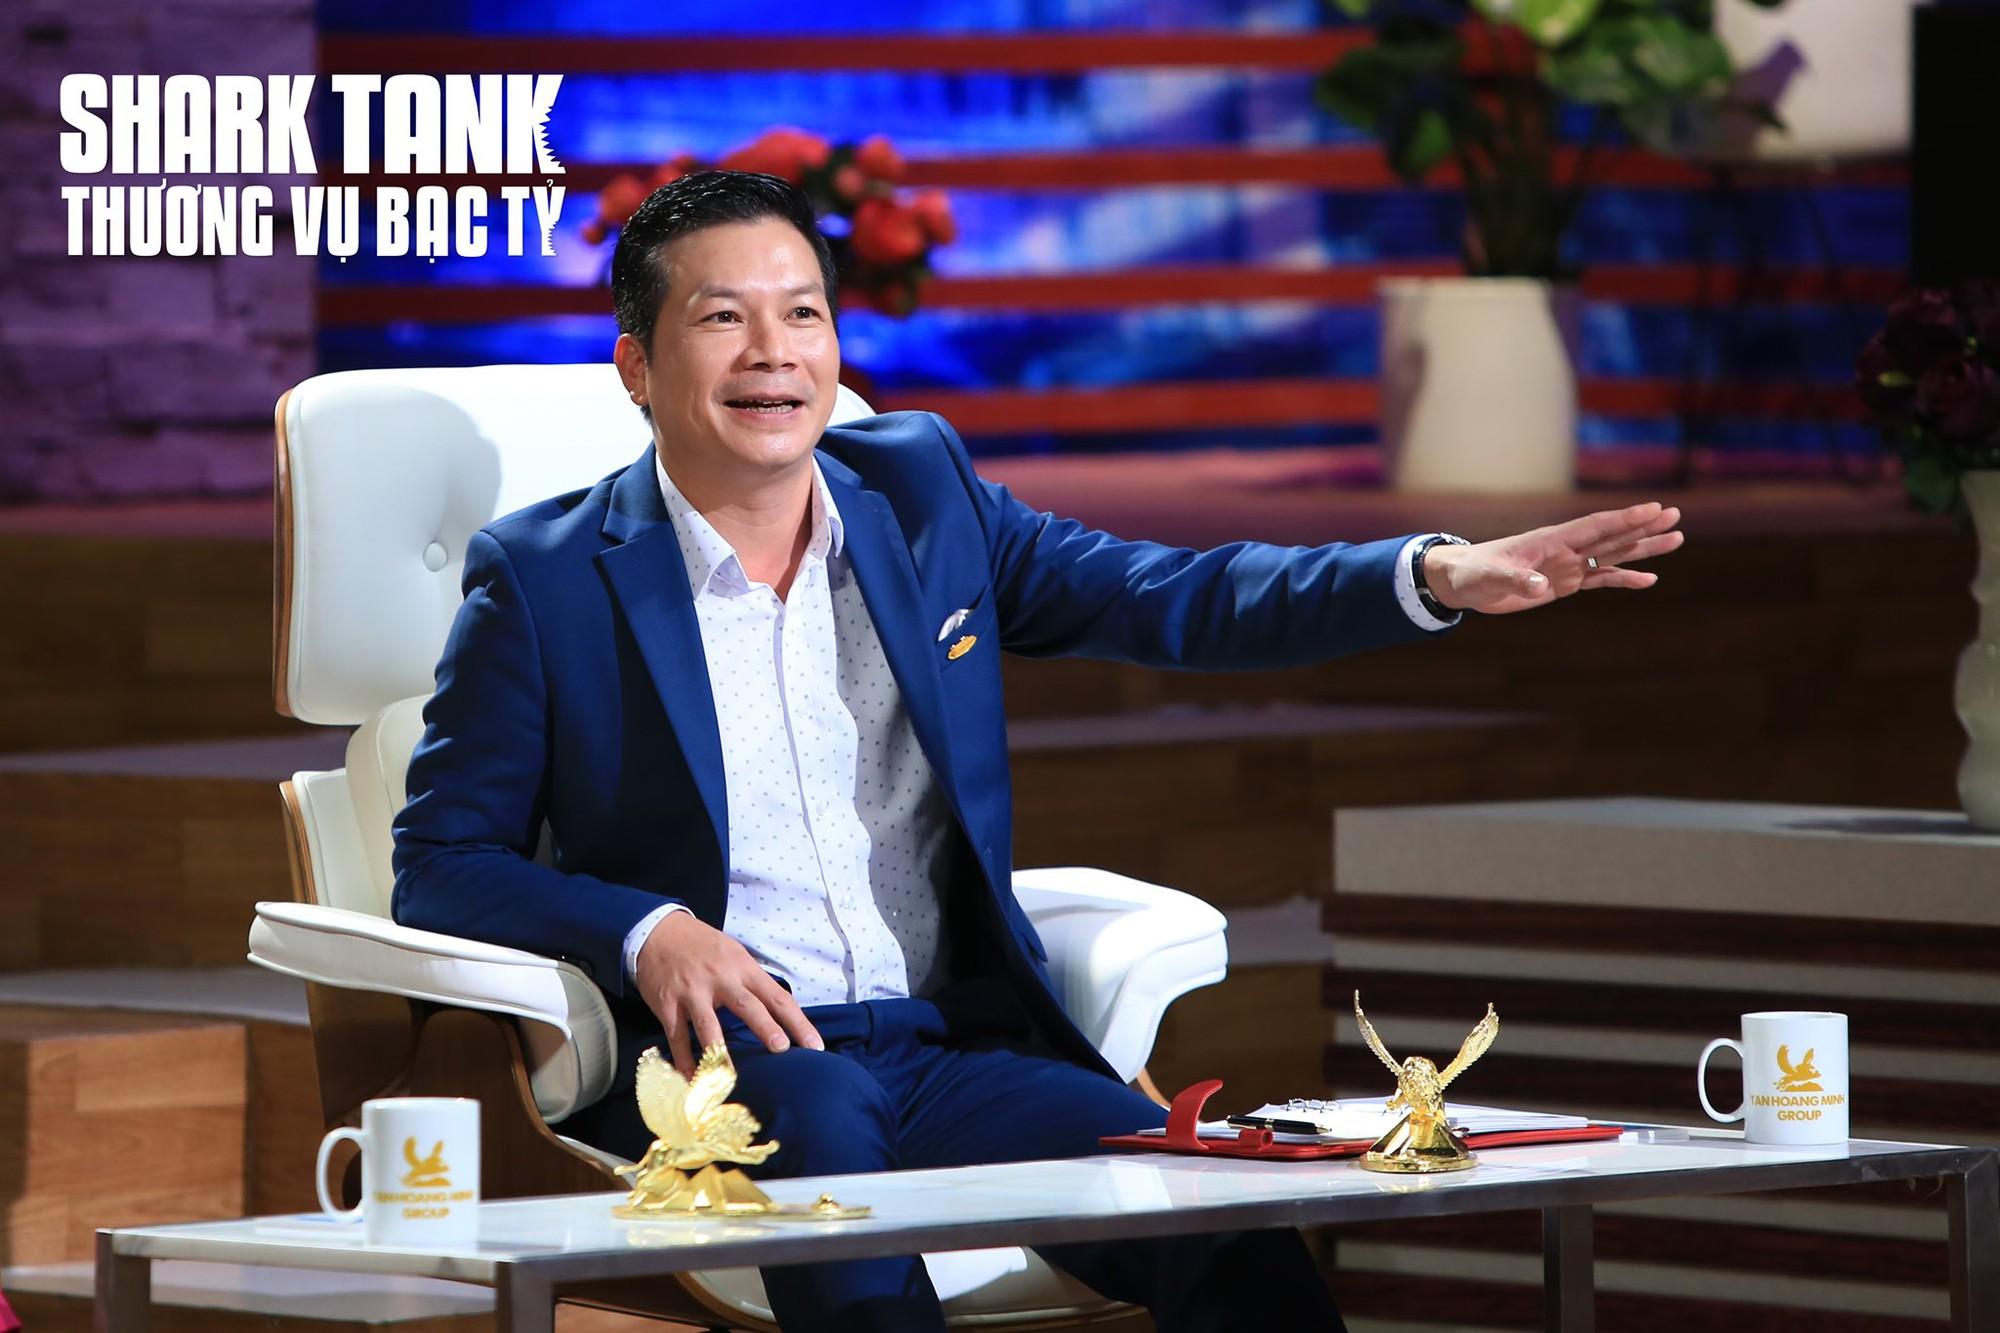 Lên Shark Tank Việt Nam gọi vốn, kĩ sư phần mềm tài năng khiến 'cá mập' tự nguyện 'bán thân' - Ảnh 3.